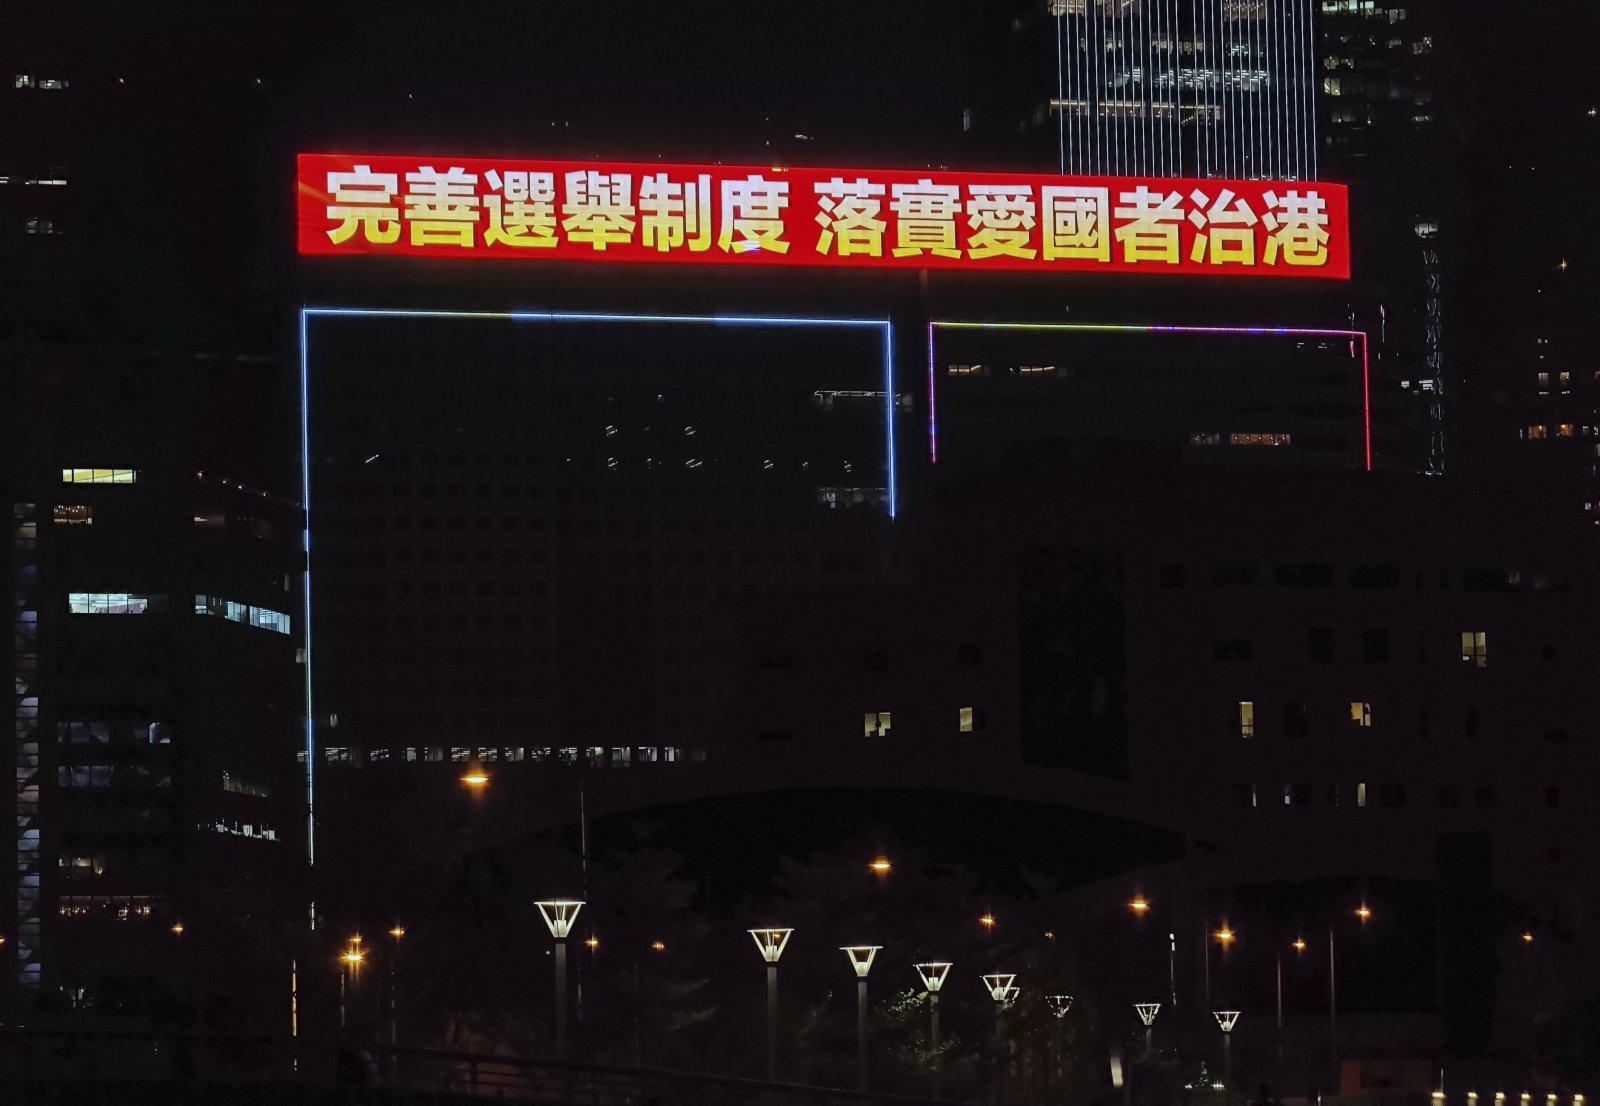 連日來,維港兩岸眾多戶外顯示屏循環播放「完善選舉制度 落實愛國者治港」的標語。 中新社